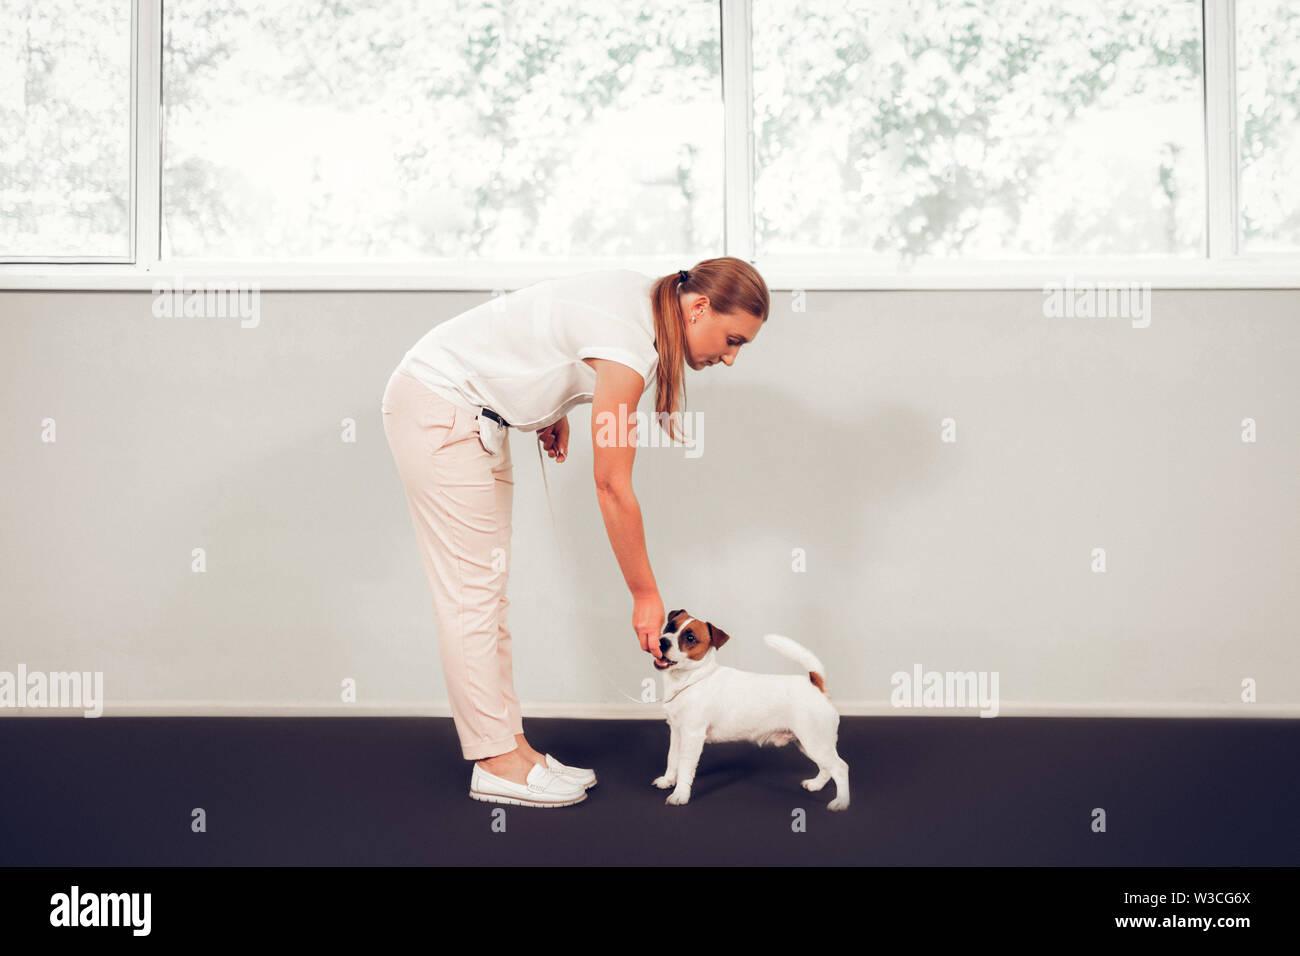 Soin de chien. Aimant beaucoup les animaux femme prendre soin de mignon chien debout près de window Photo Stock